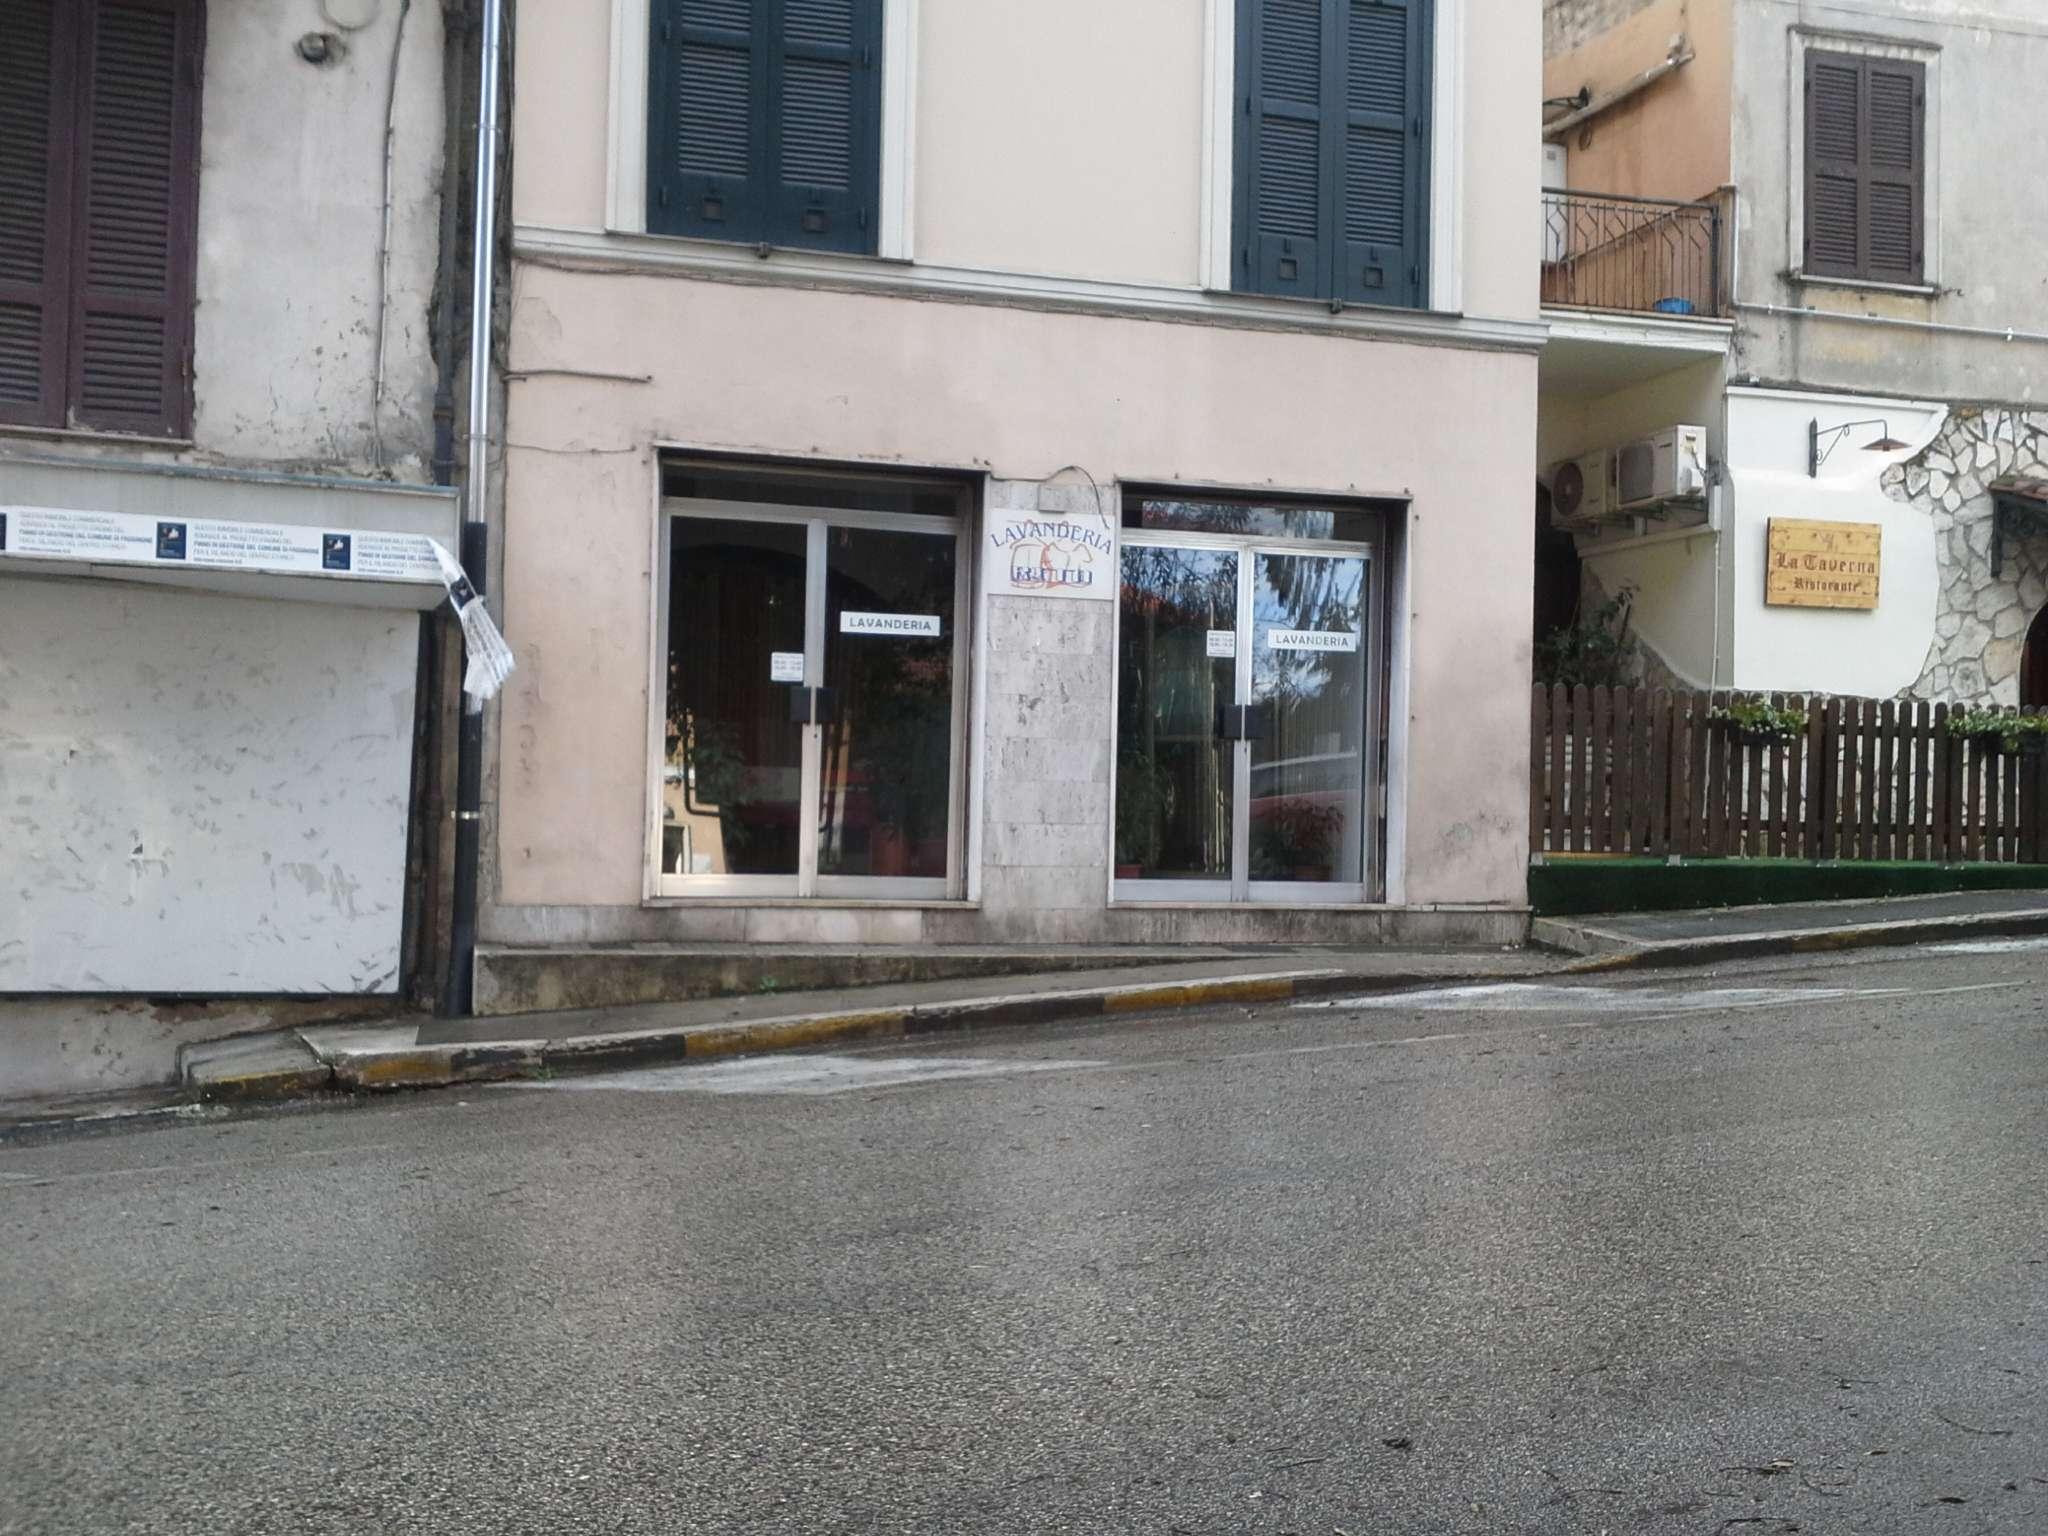 Negozio / Locale in vendita a Frosinone, 9999 locali, prezzo € 120.000 | CambioCasa.it